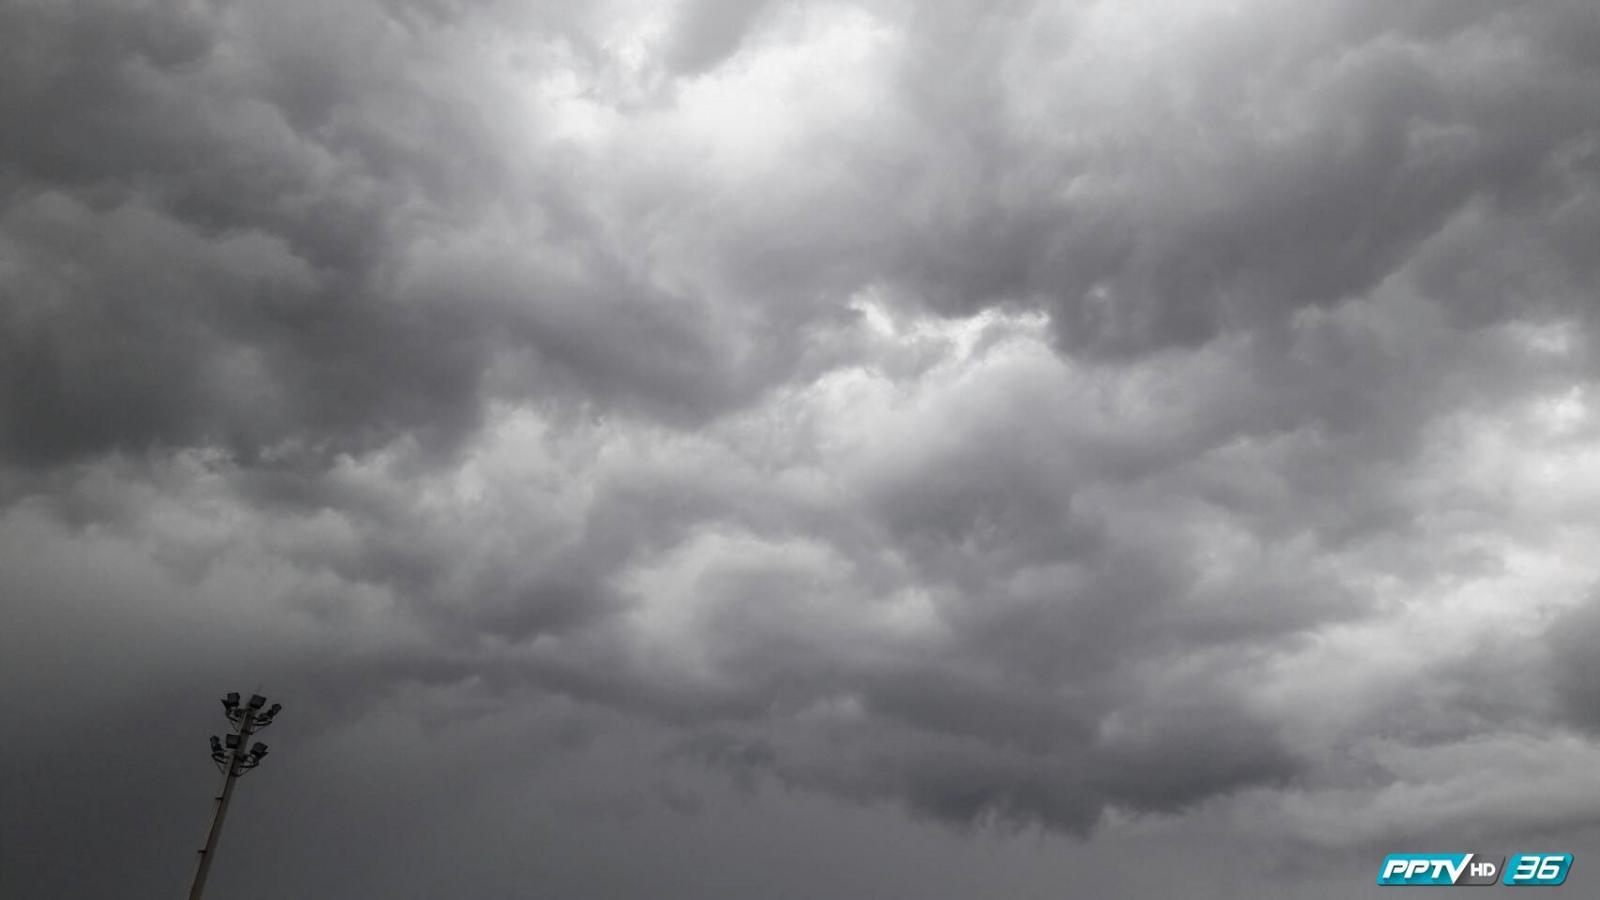 """อุตุฯ เตือนกทม.-ปริมณฑล และทุกภาค ระวัง """"พายุฤดูร้อน"""" 6-9 มี.ค. นี้"""